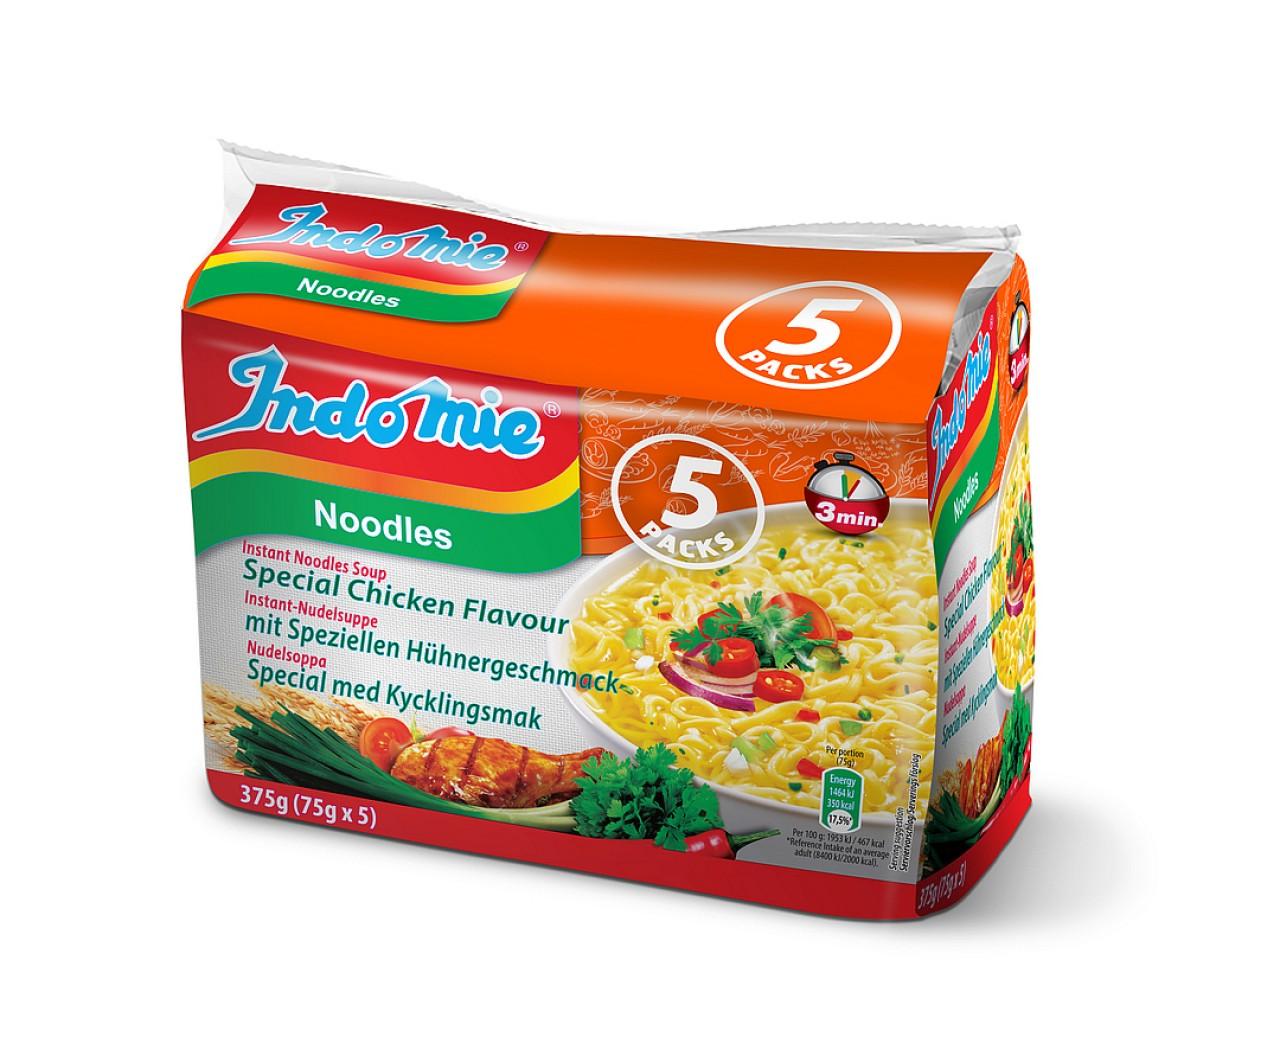 Indomie instant noodles soup Special Chicken flavour